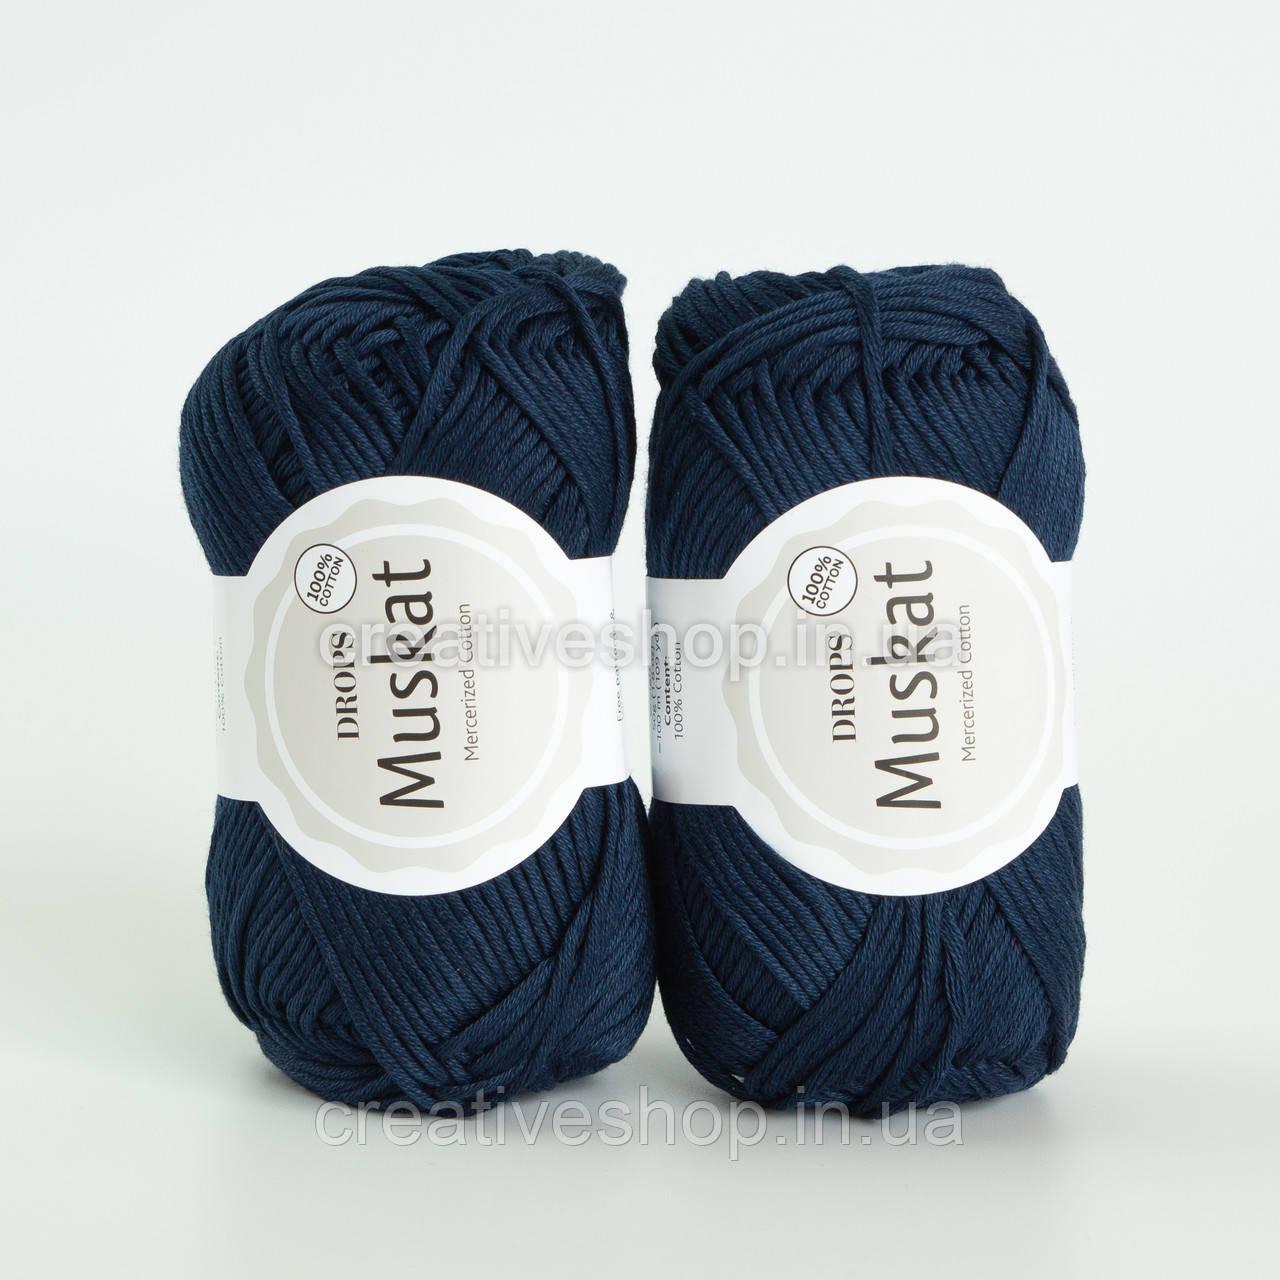 Пряжа DROPS Muskat (колір 15 royal blue)